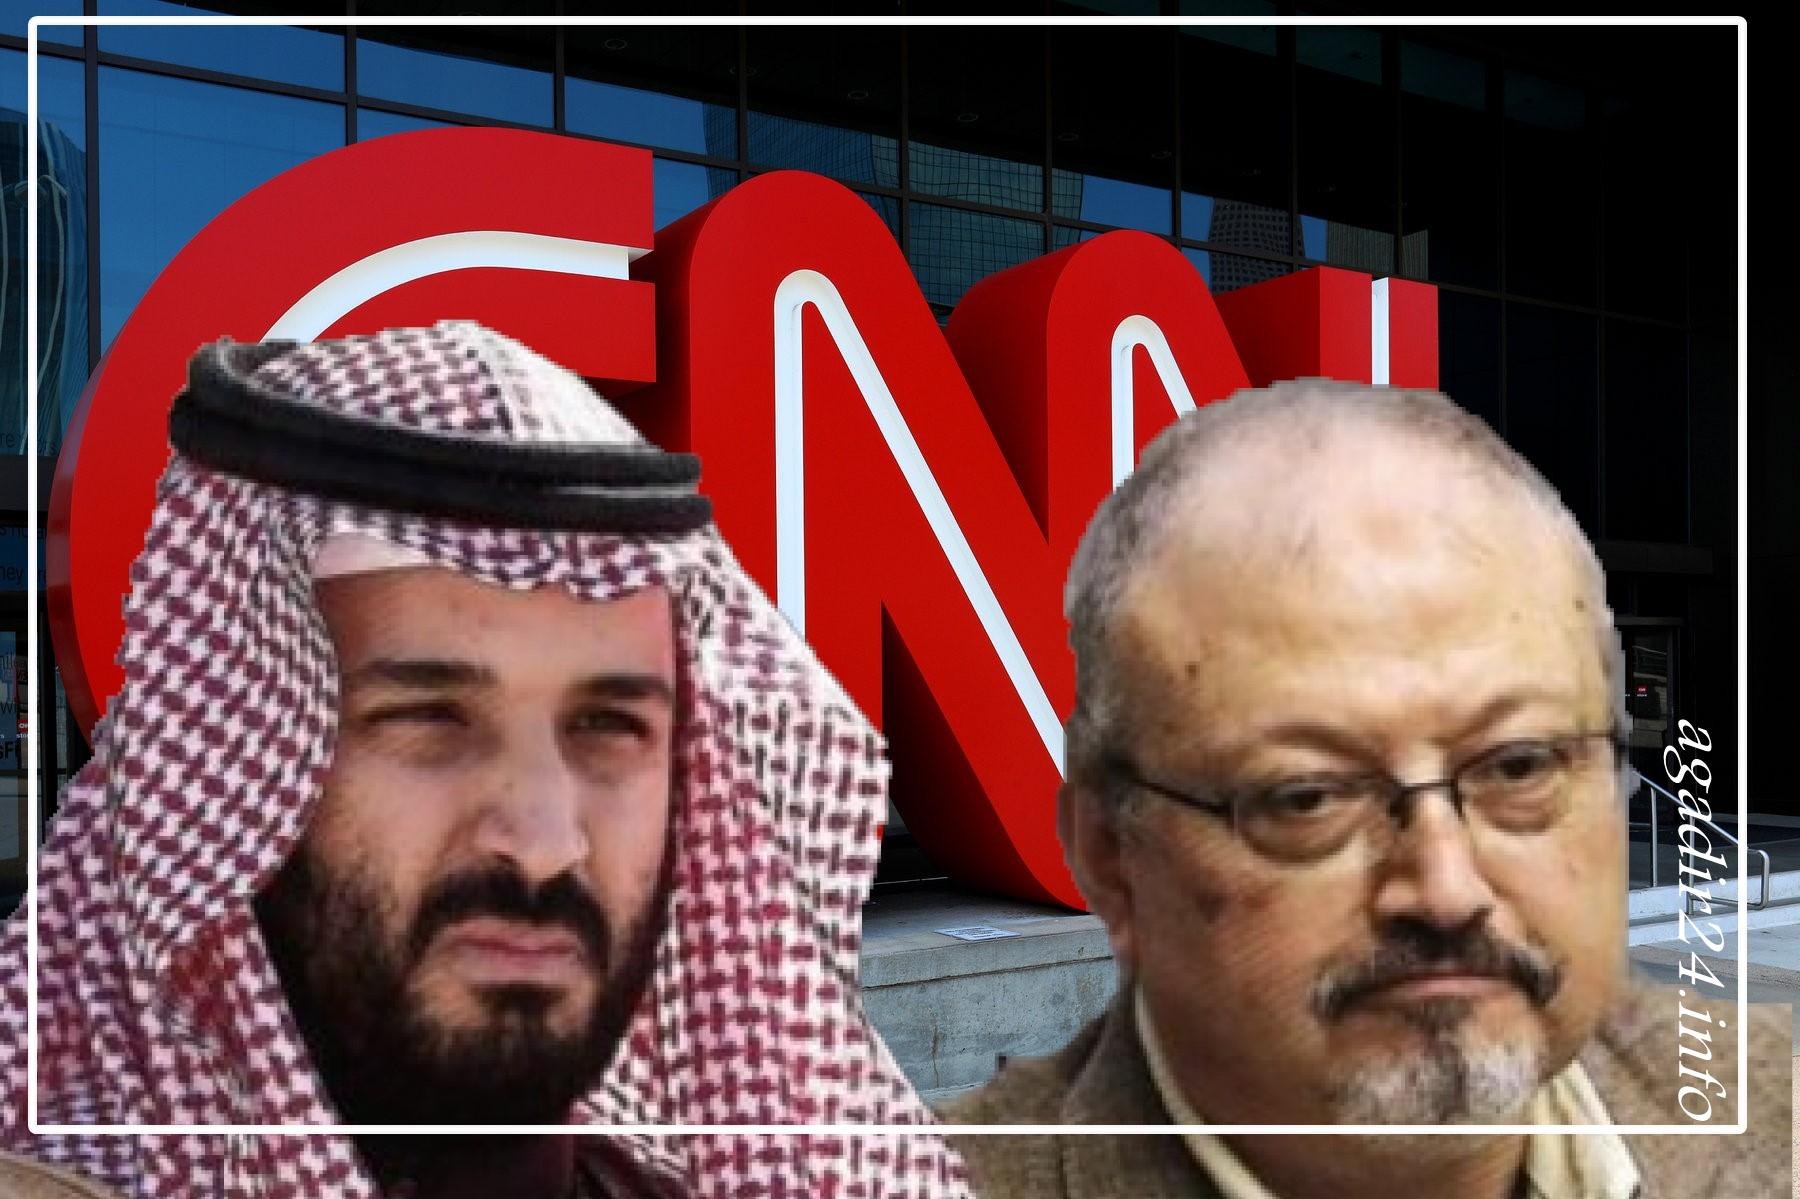 """الـ""""CNN"""" تنشر وثائق قانونية يضم أدلة تدين ولي العهد محمد بن سلمان في قضية قتل الصحفي خاشقجي"""